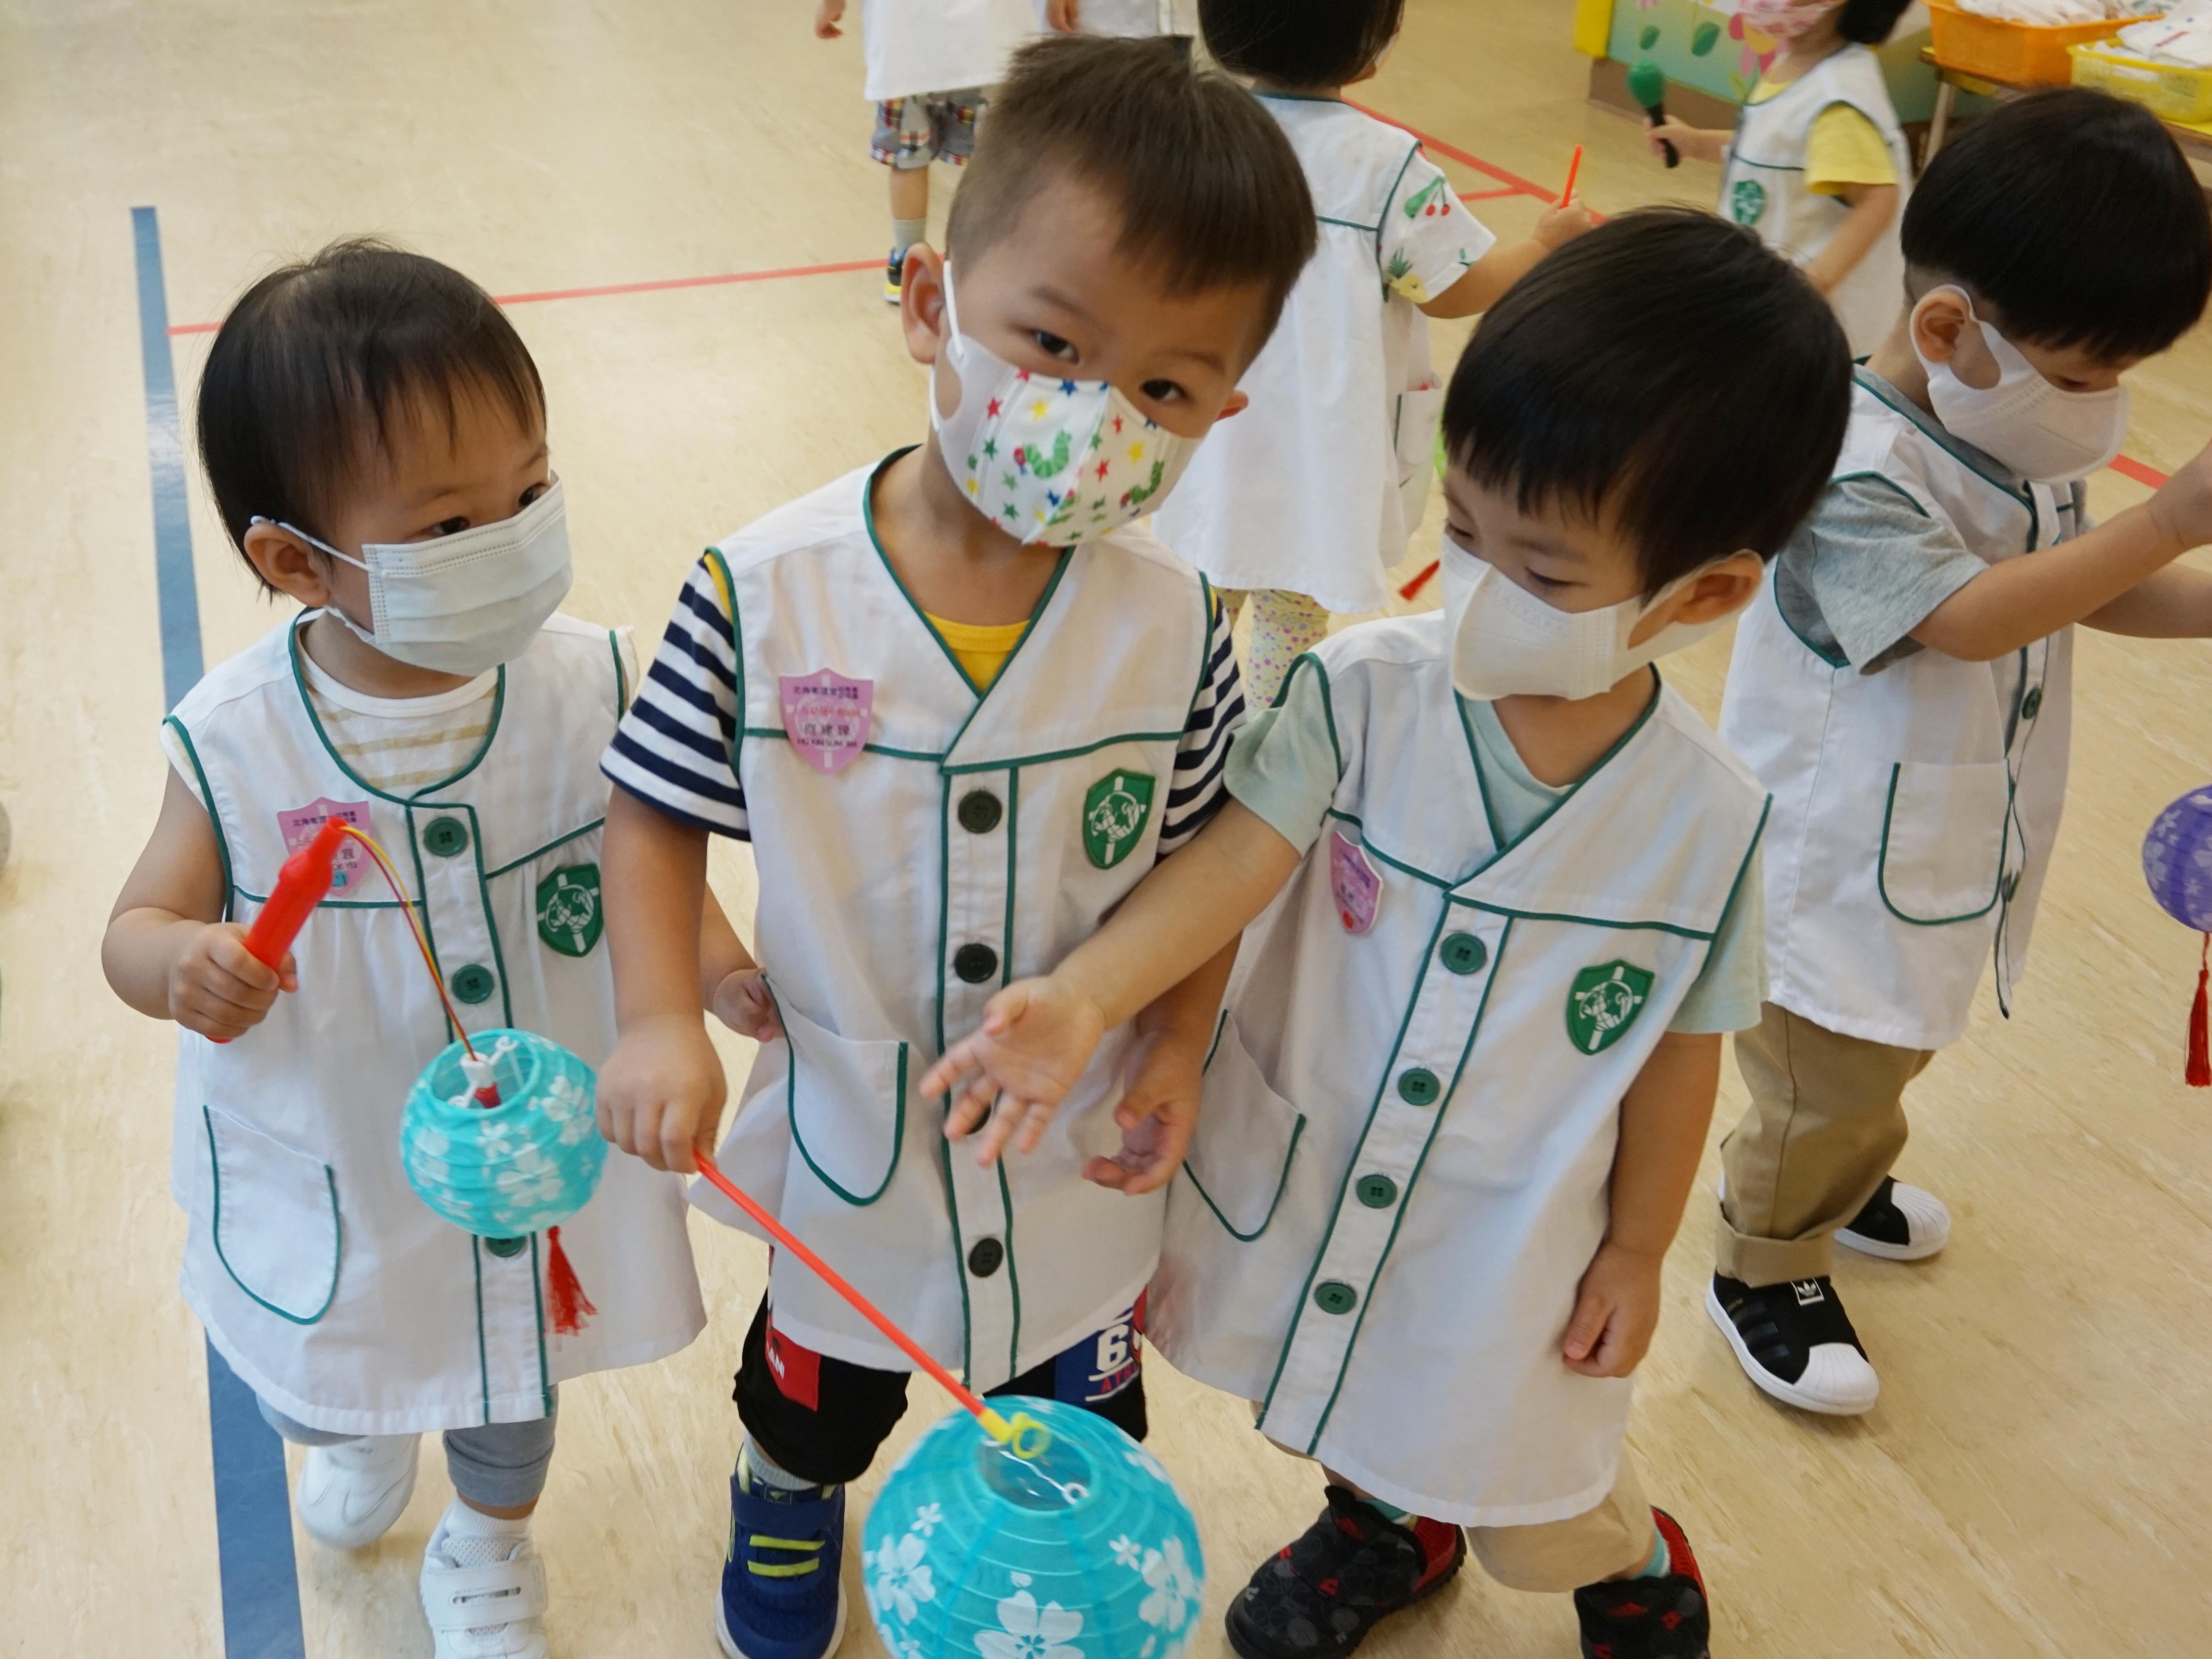 http://npmc.edu.hk/sites/default/files/dsc09692a.jpg